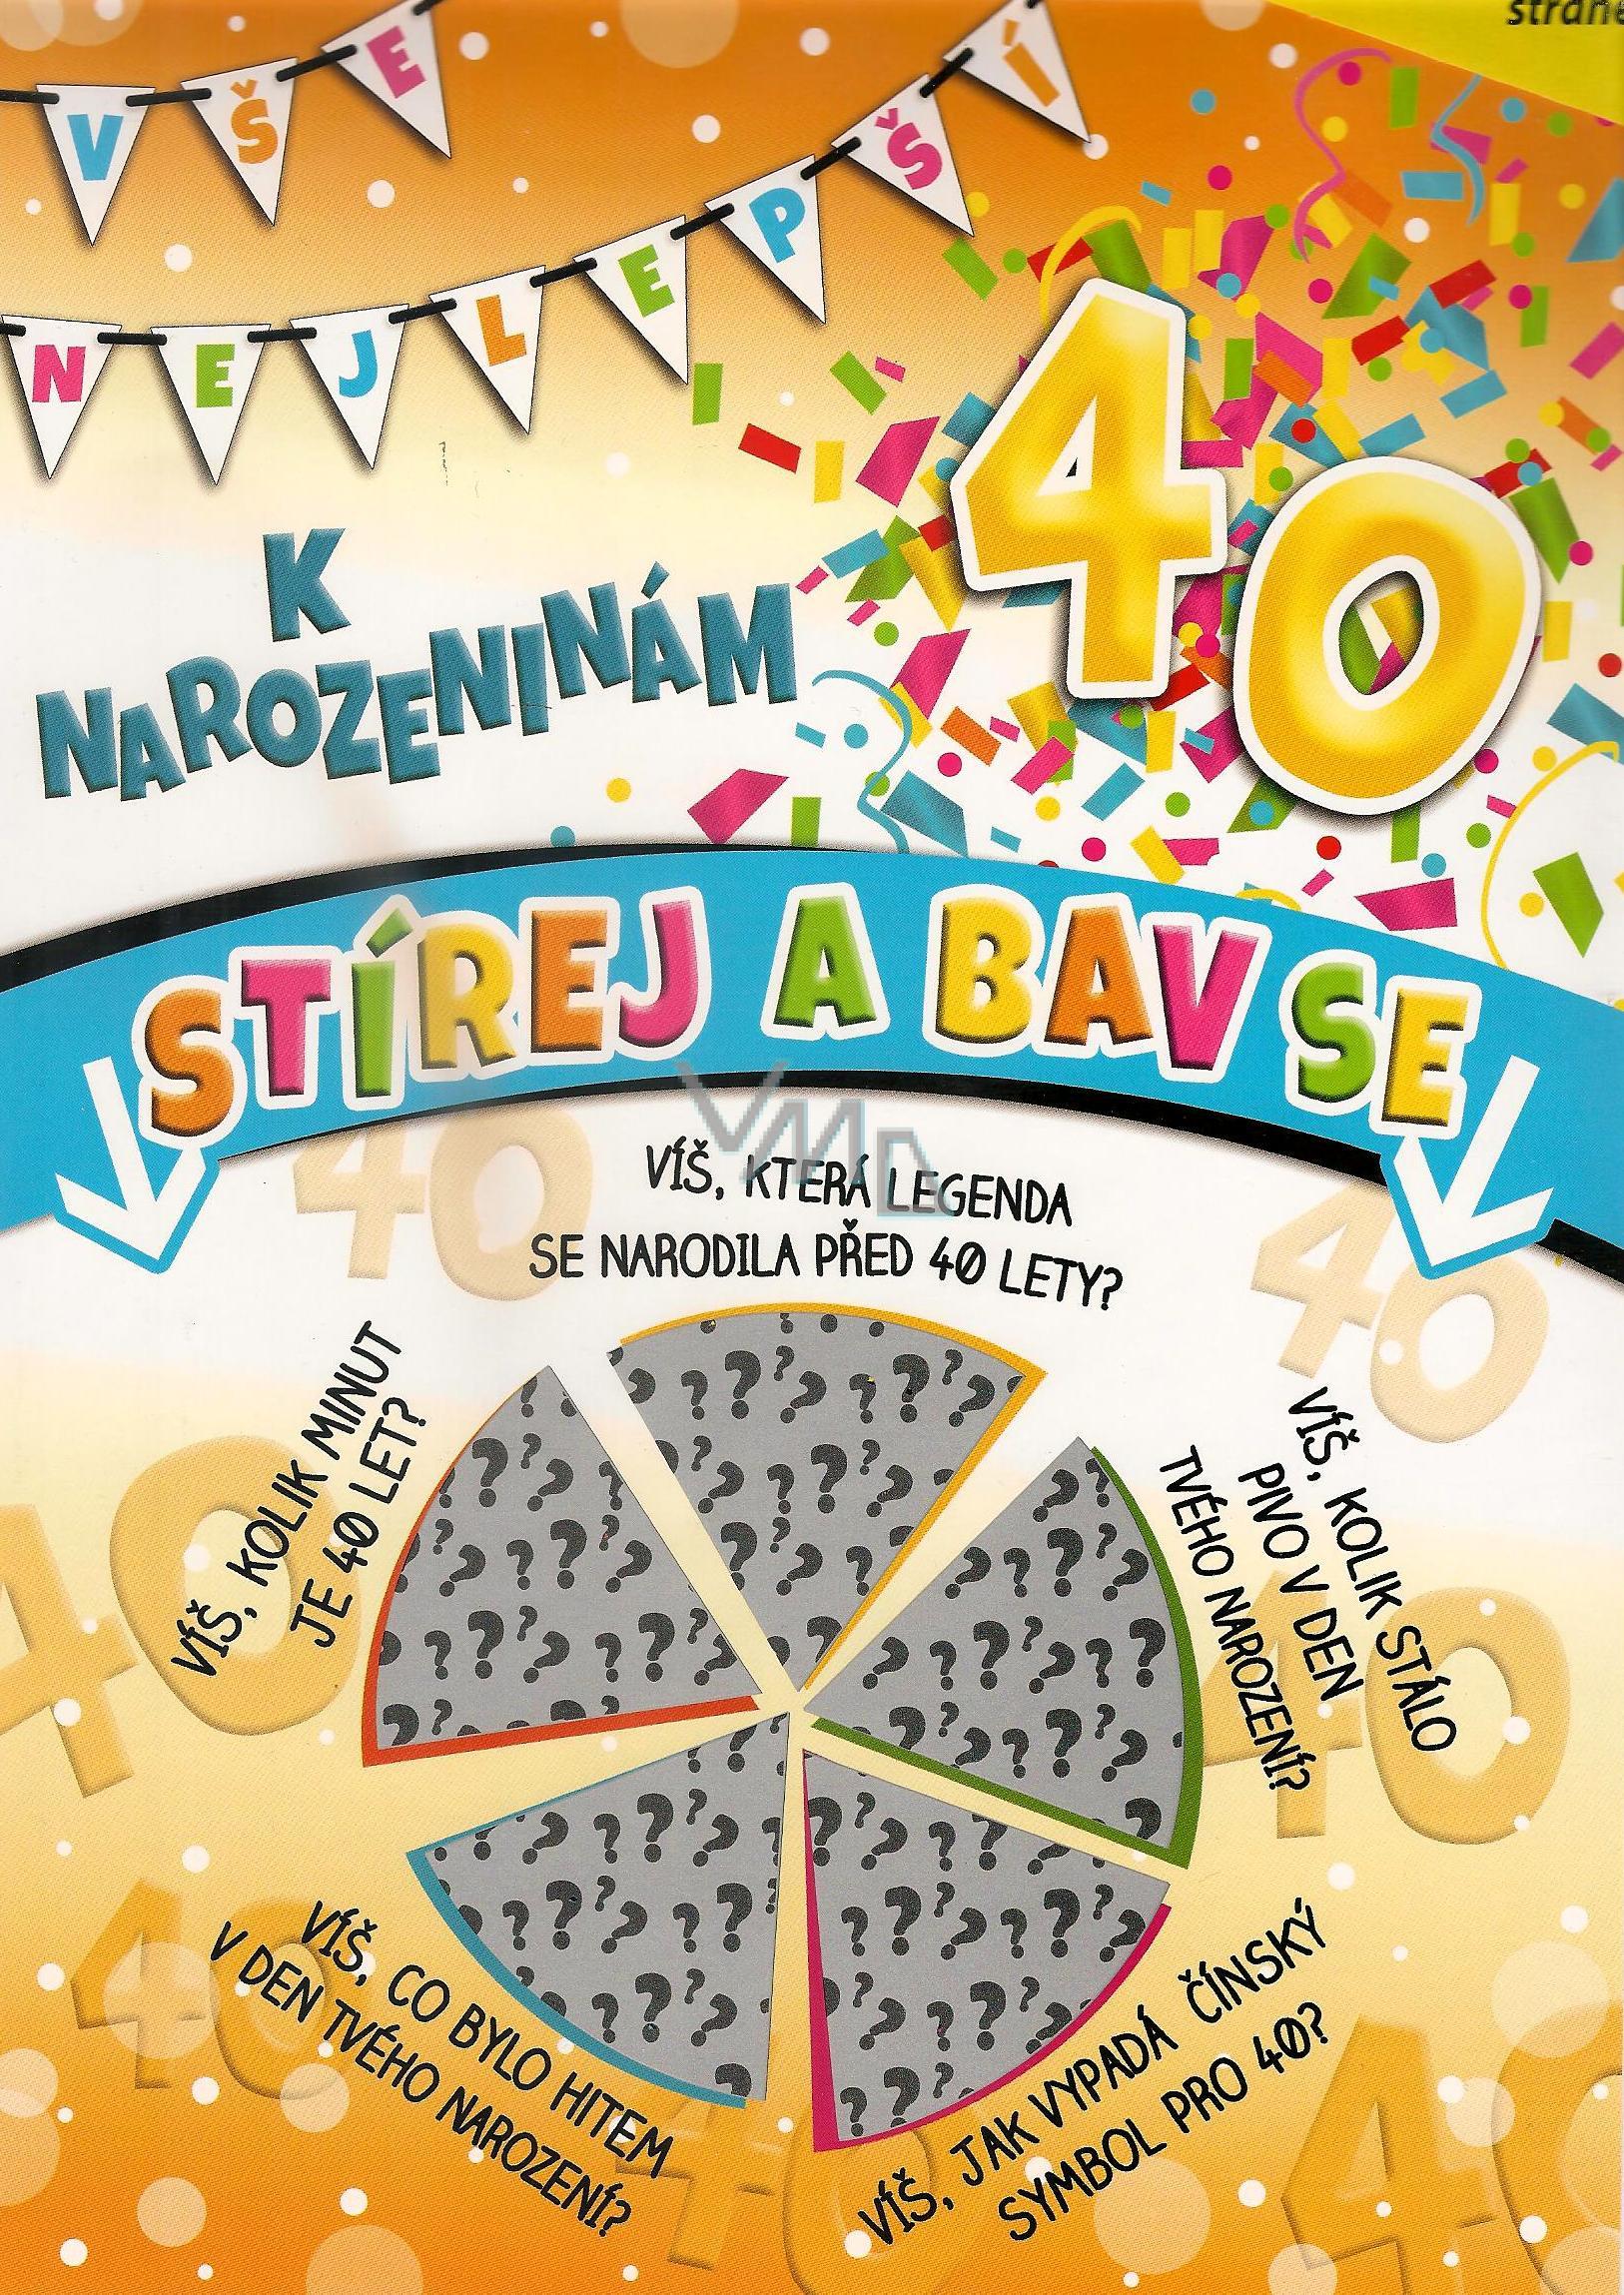 blahopřání k narozeninám 40 Nekupto Stírací přání k narozeninám 40 G 40 3357 32 x 23 cm   VMD  blahopřání k narozeninám 40